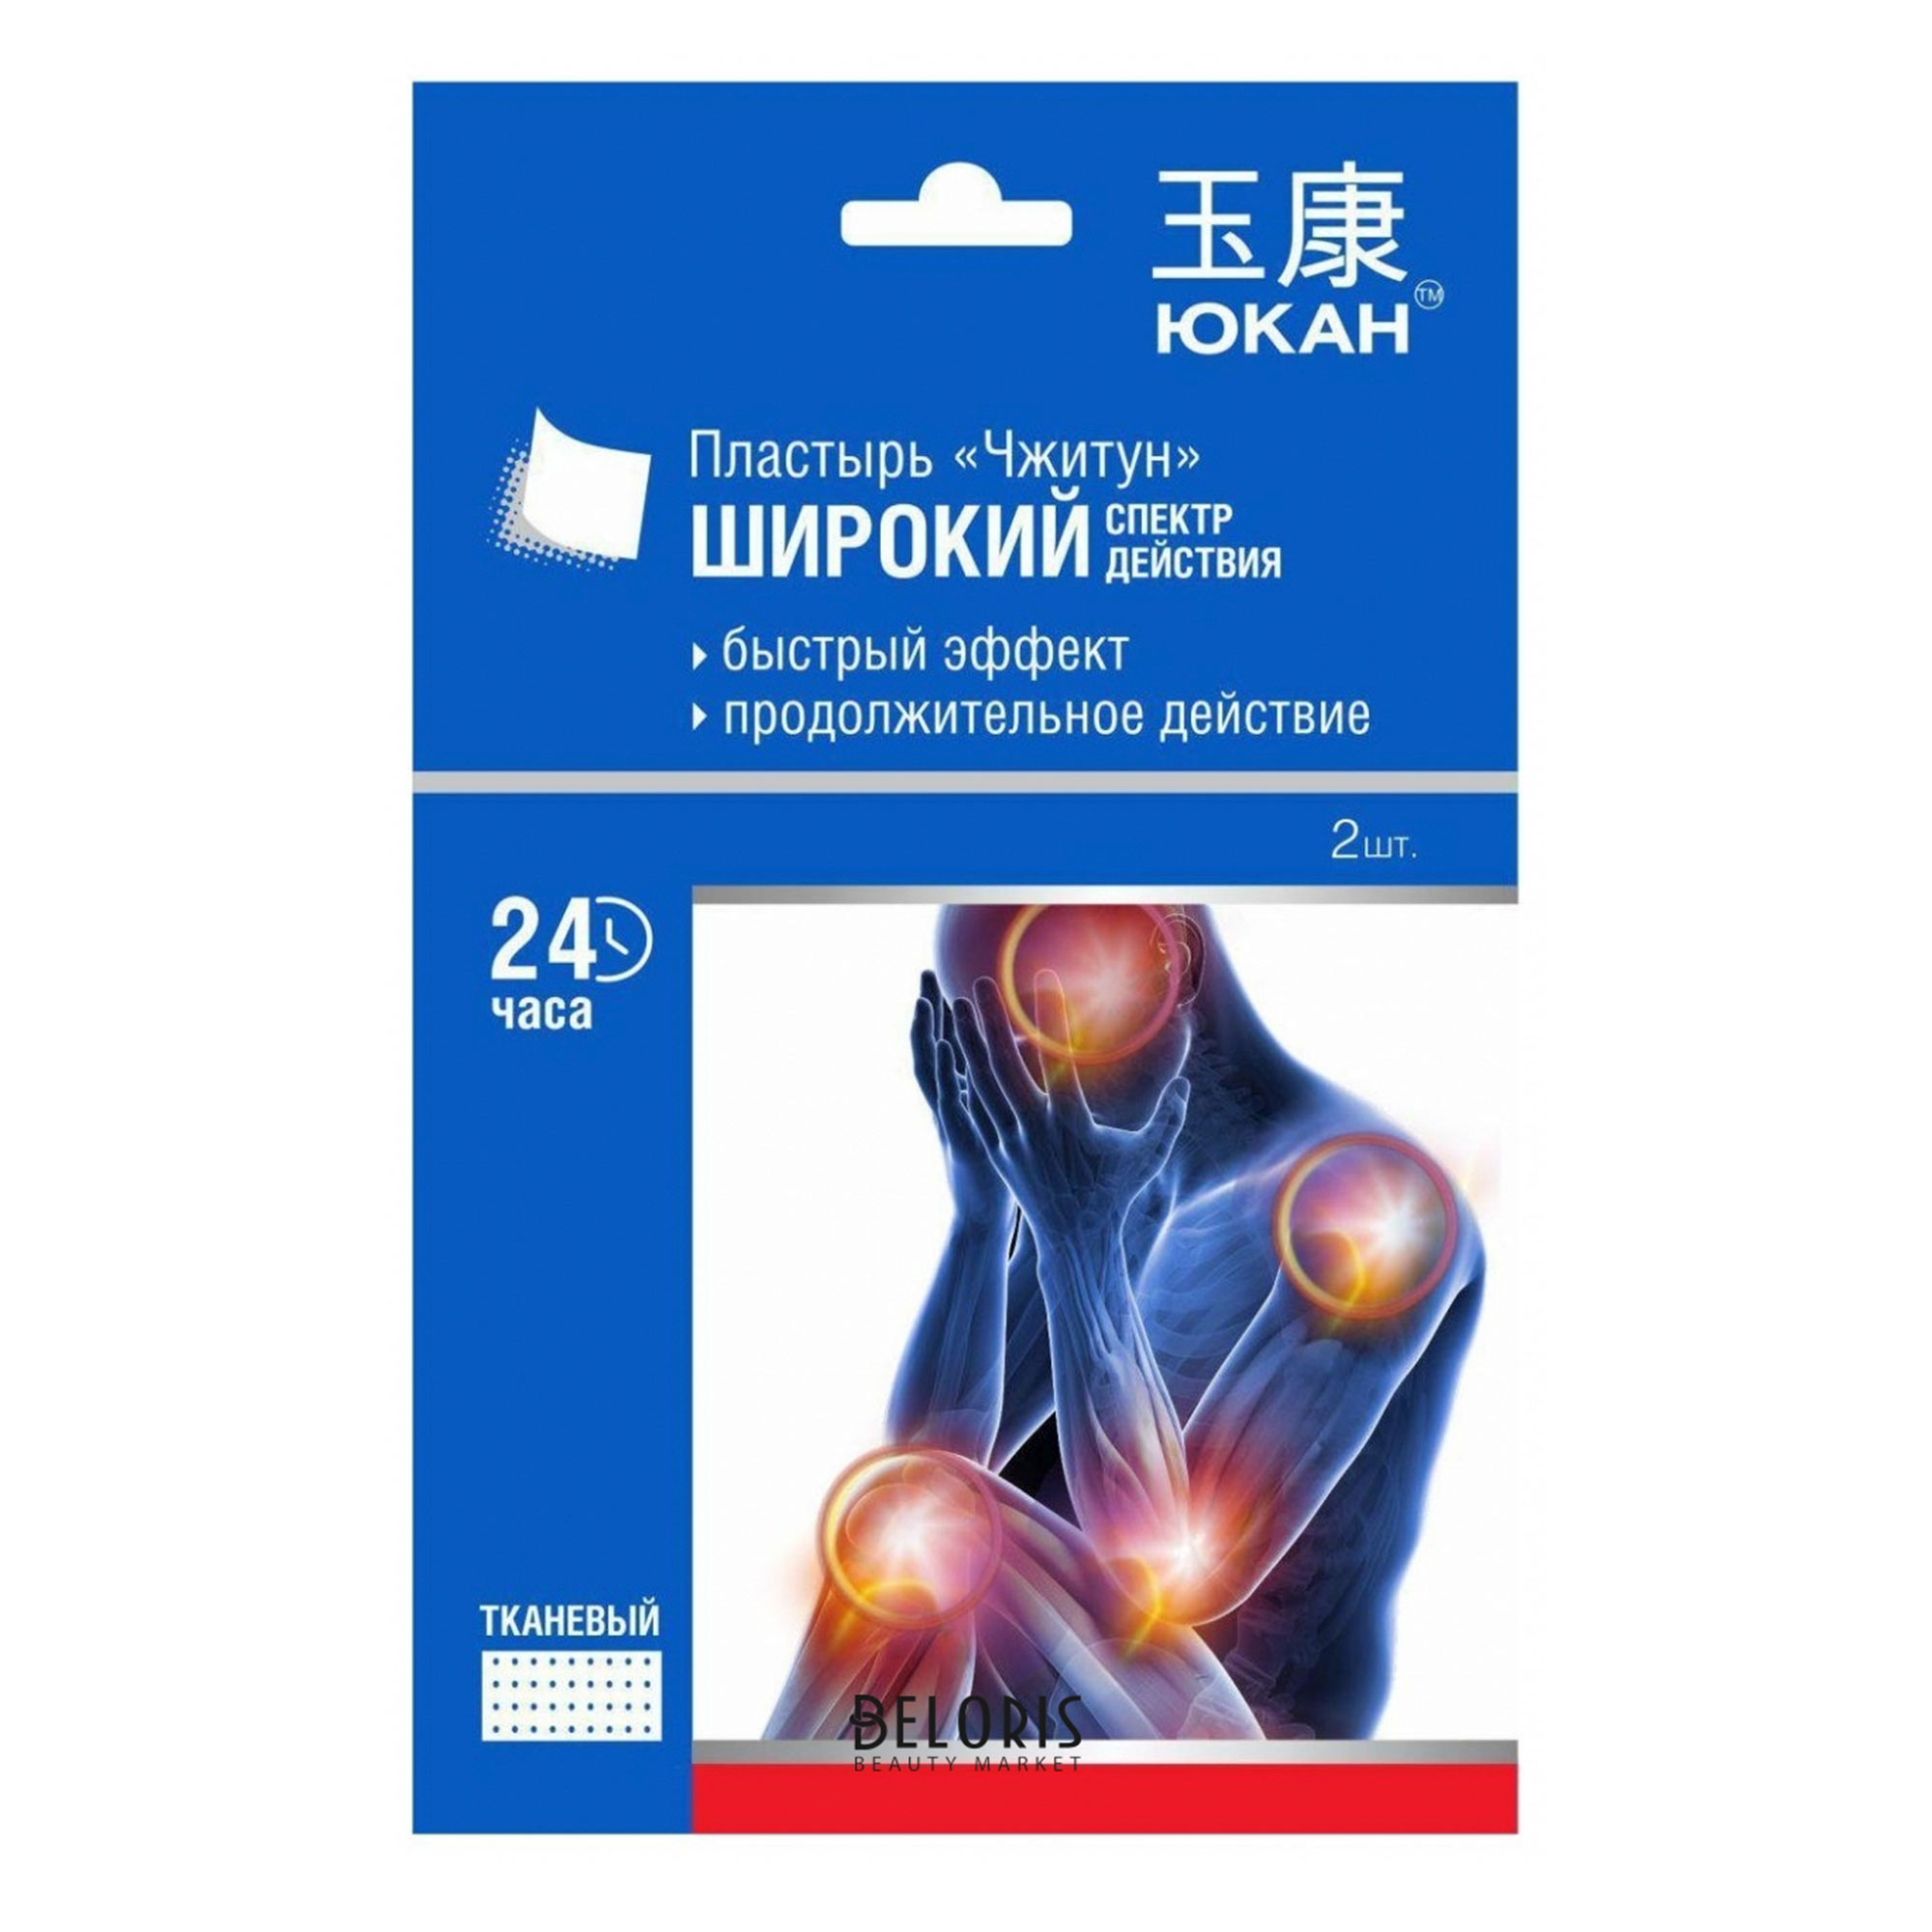 Пластырь Юкан Чжитун для тела перцовый противовоспалительный 2 шт